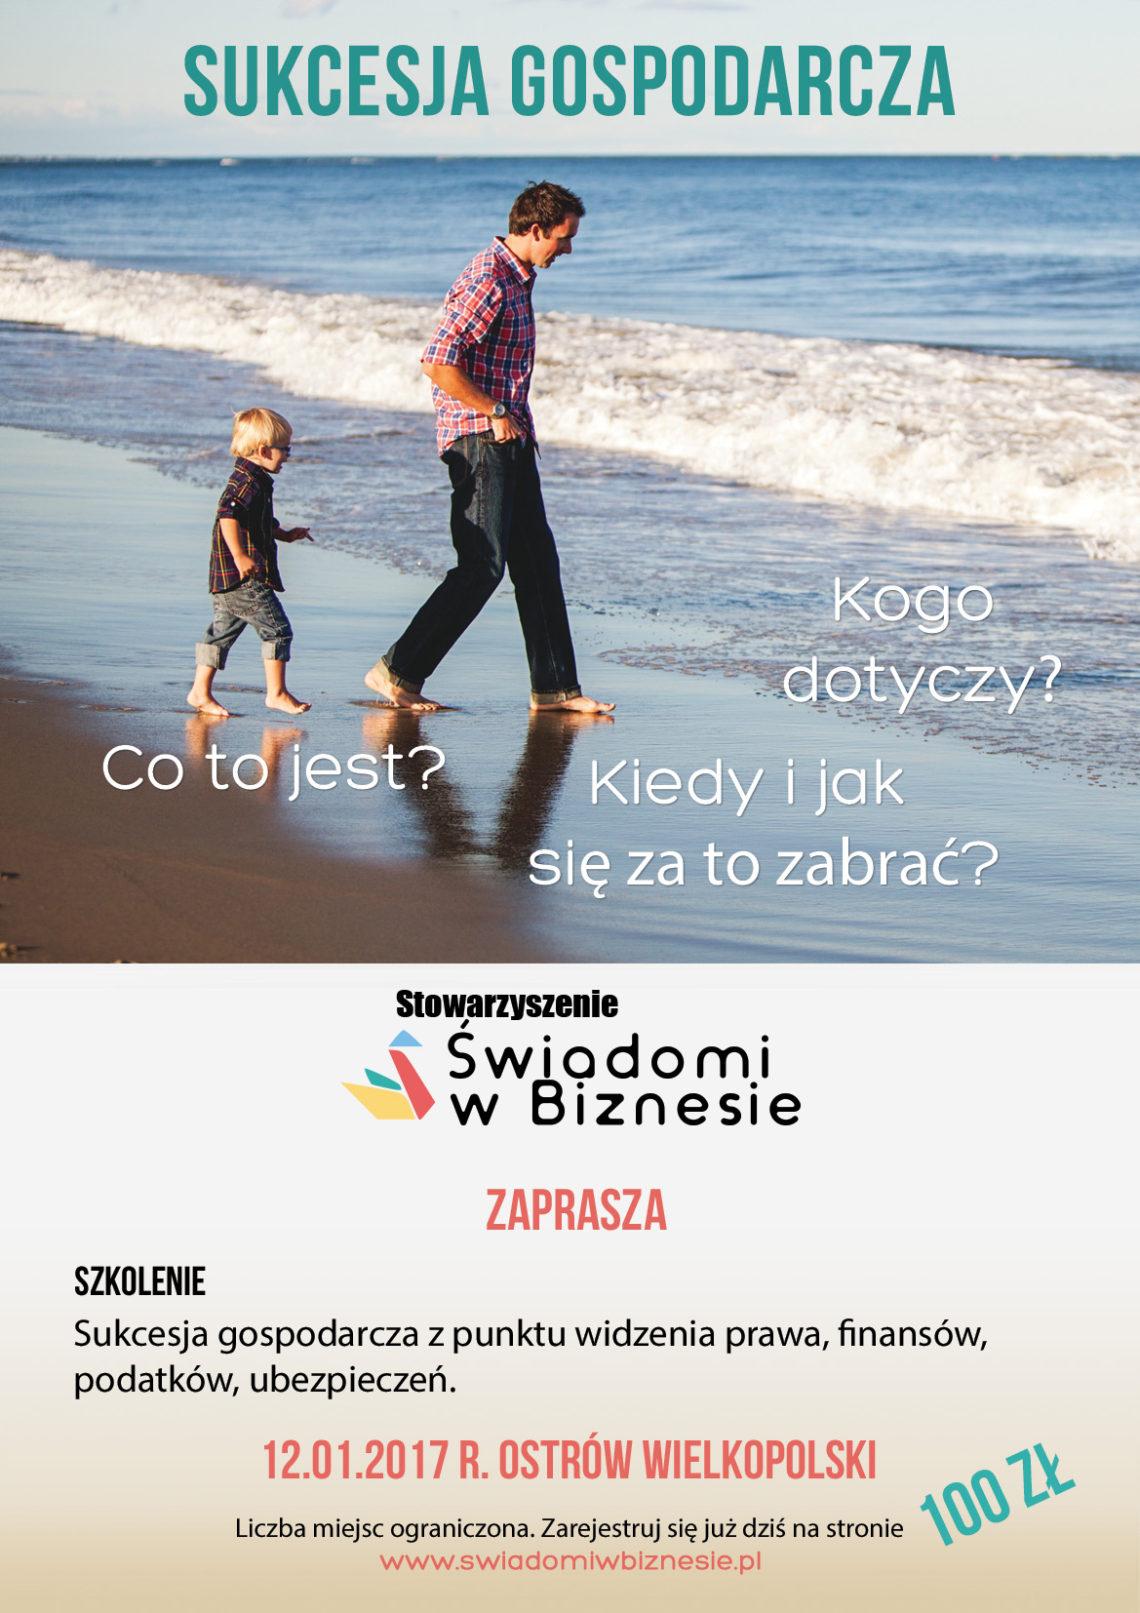 """Szkolenie """"Sukcesja gospodarcza"""" 12.01.2017 r. godz. 9:00 – 12:00, Ostrów Wlkp."""